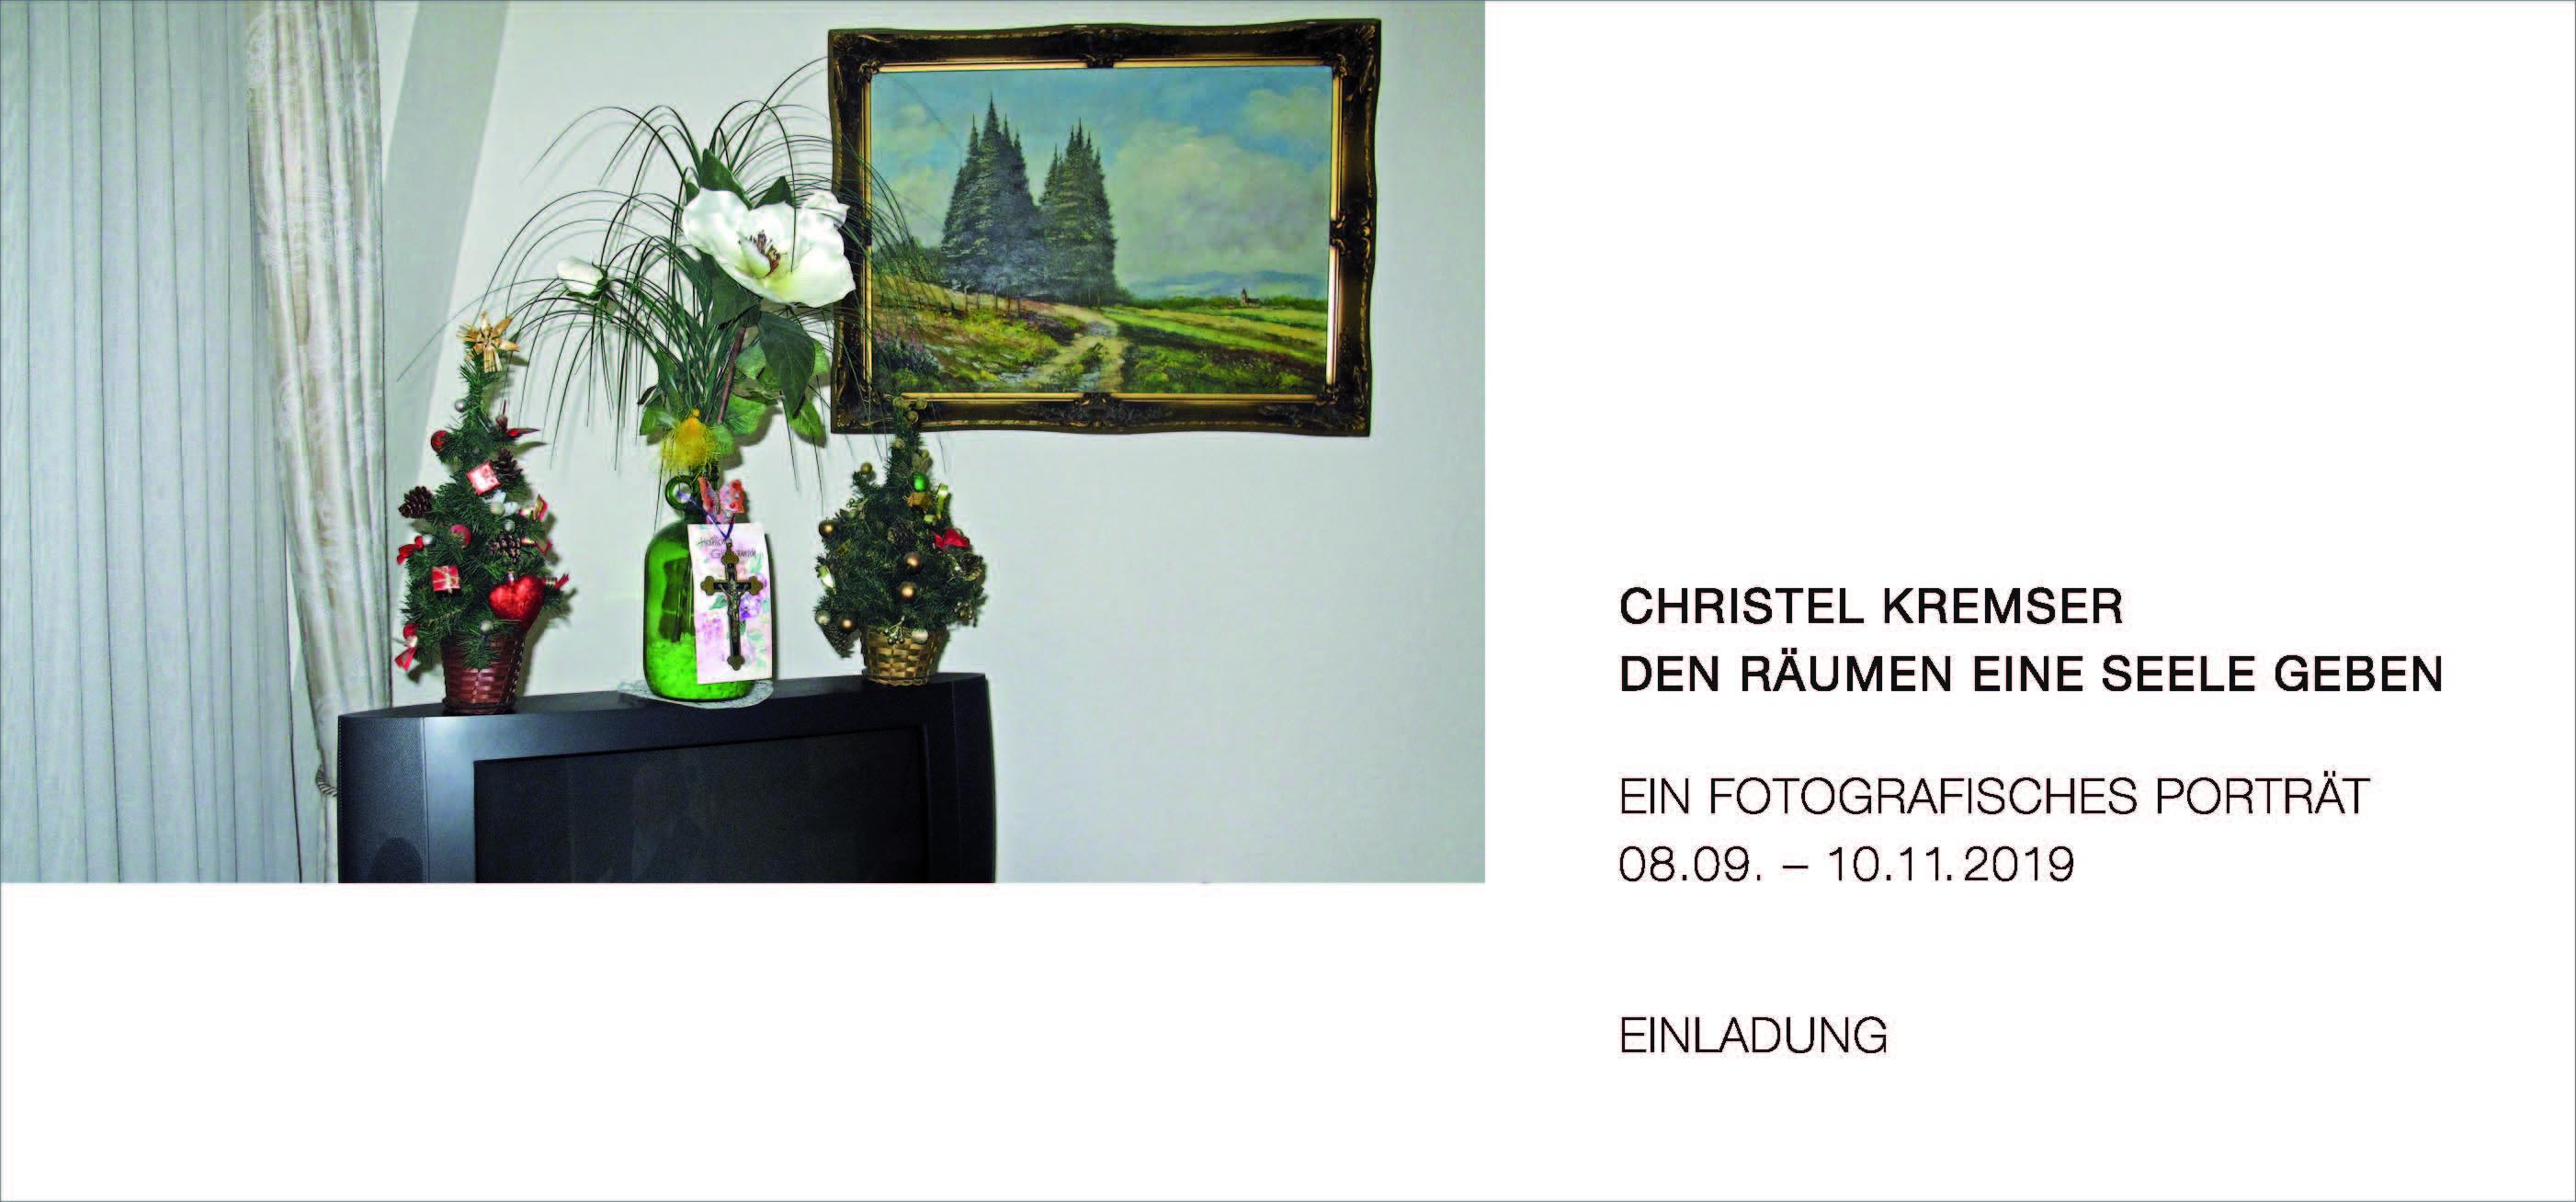 Christel Kremser